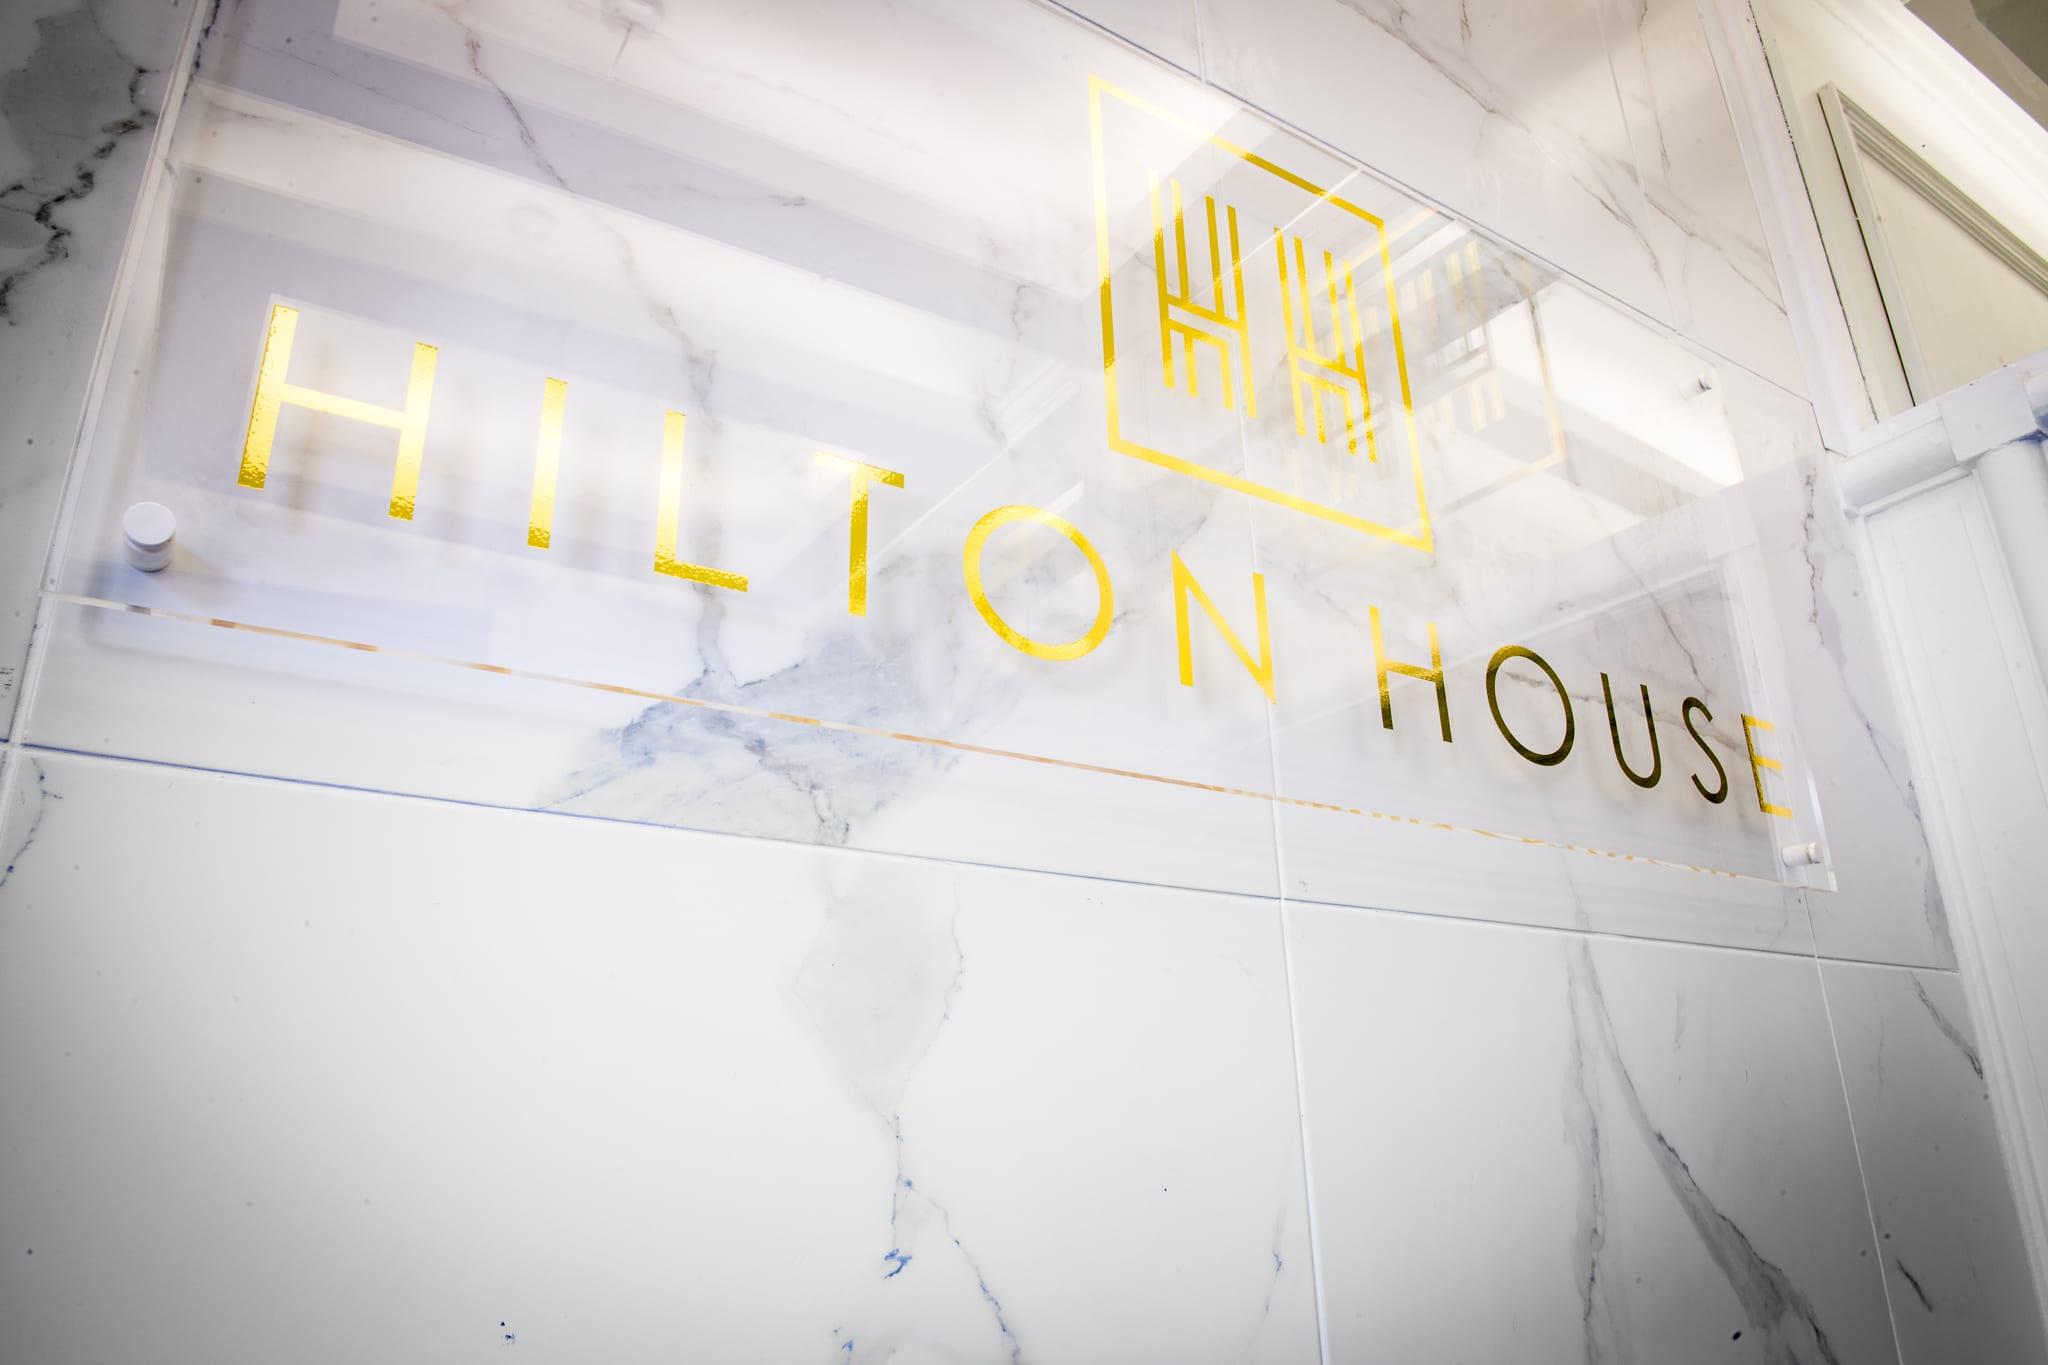 Hilton House Plaque